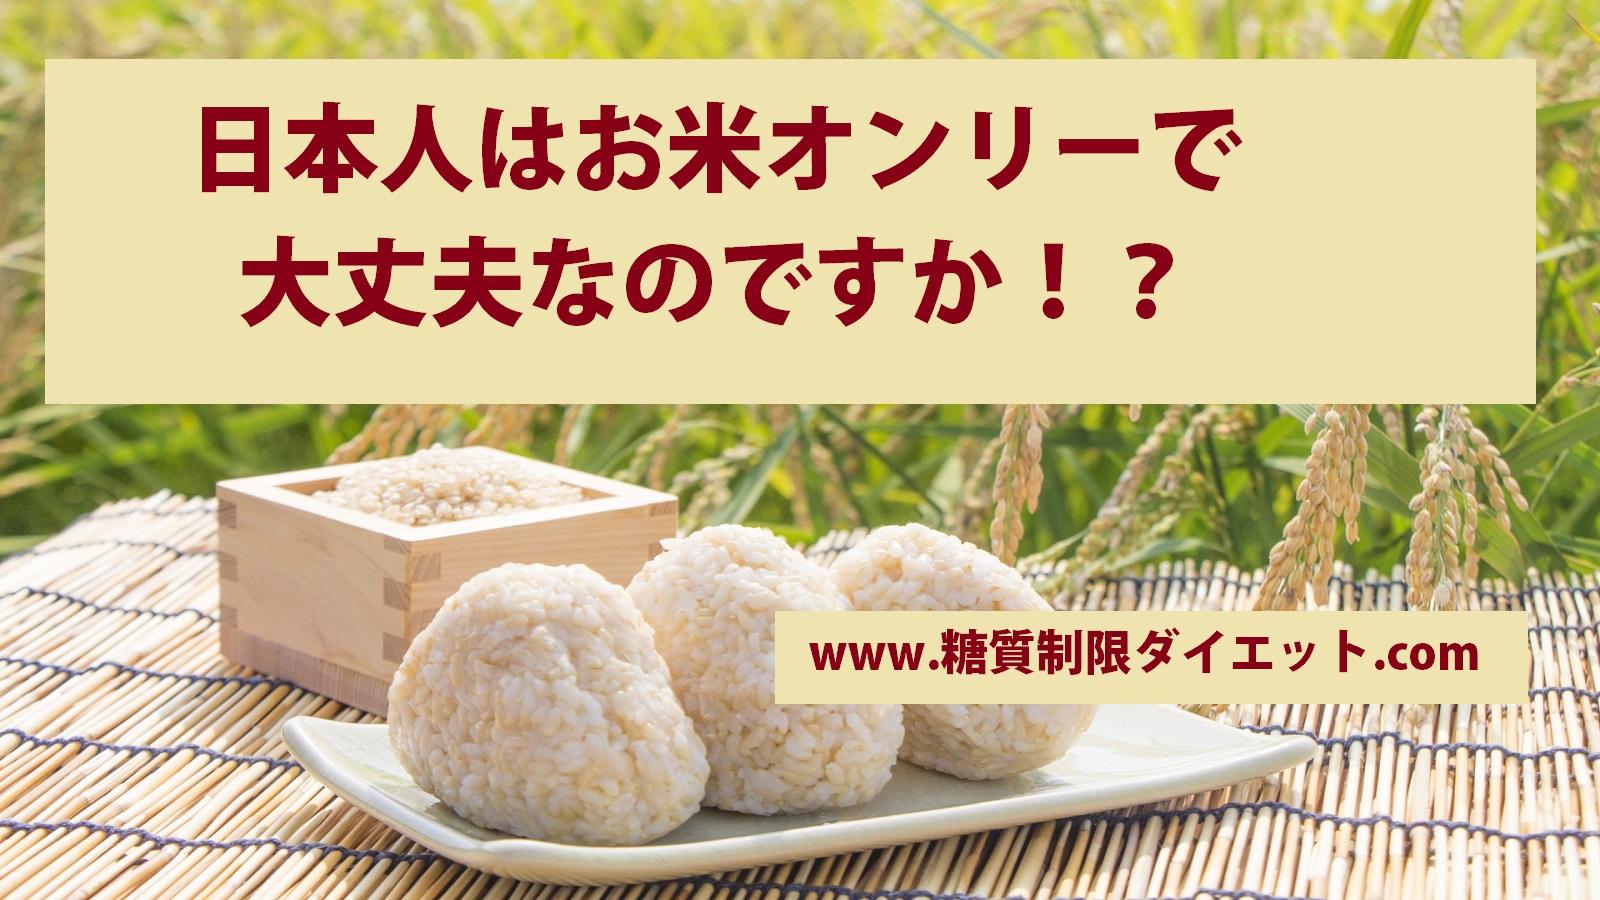 日本人はお米だけ食べていれば大丈夫なのか